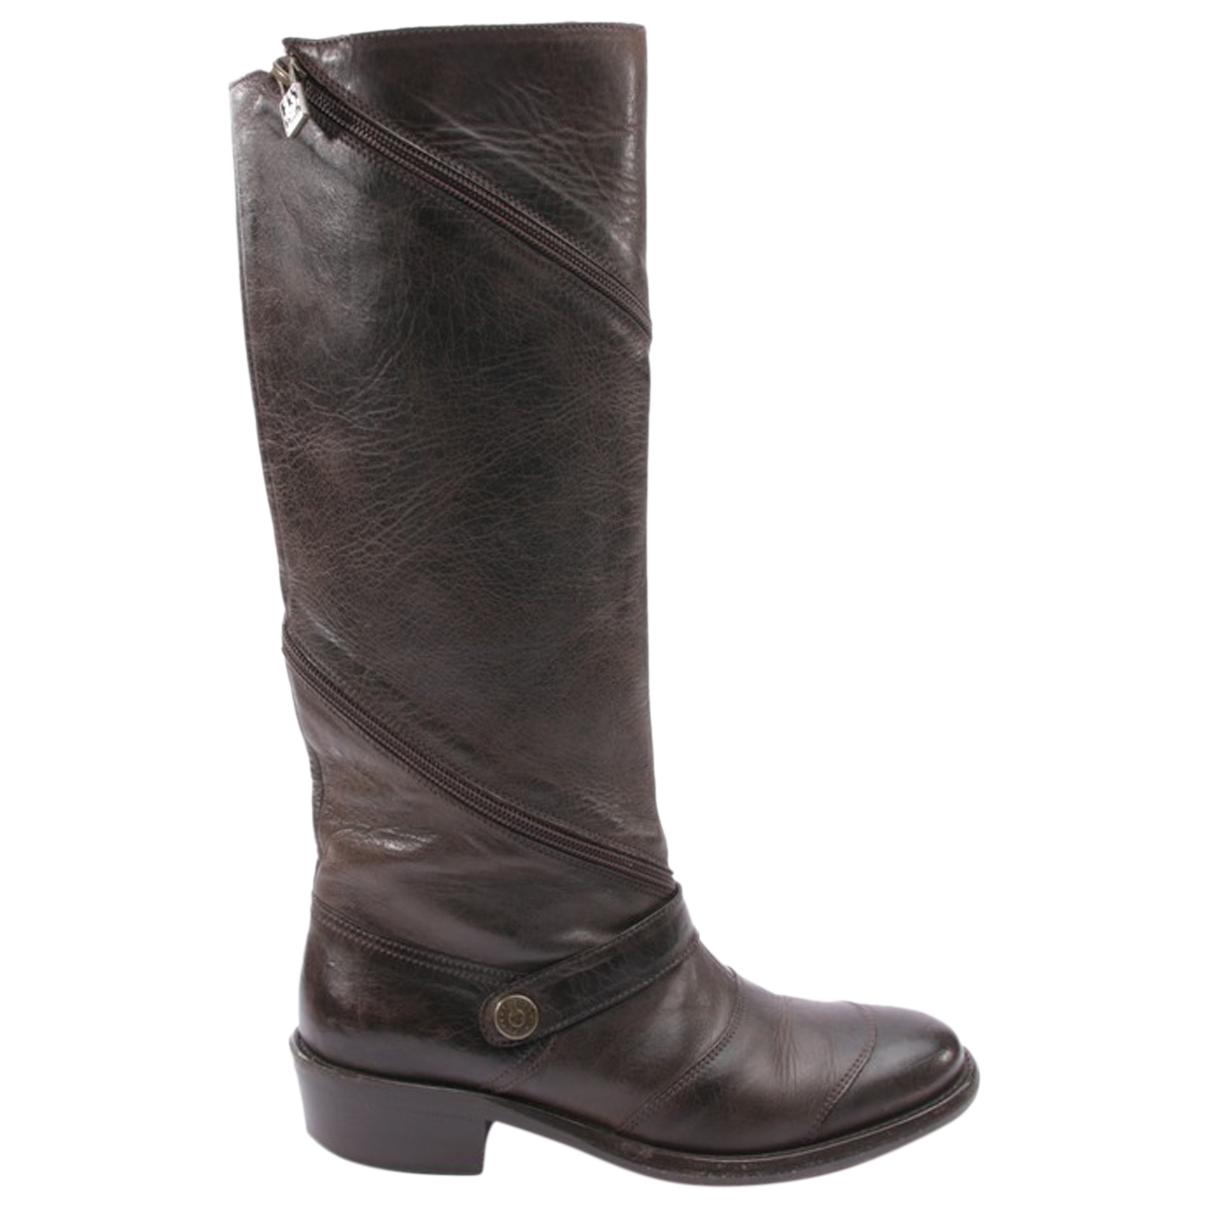 Belstaff - Bottes   pour femme en cuir - marron